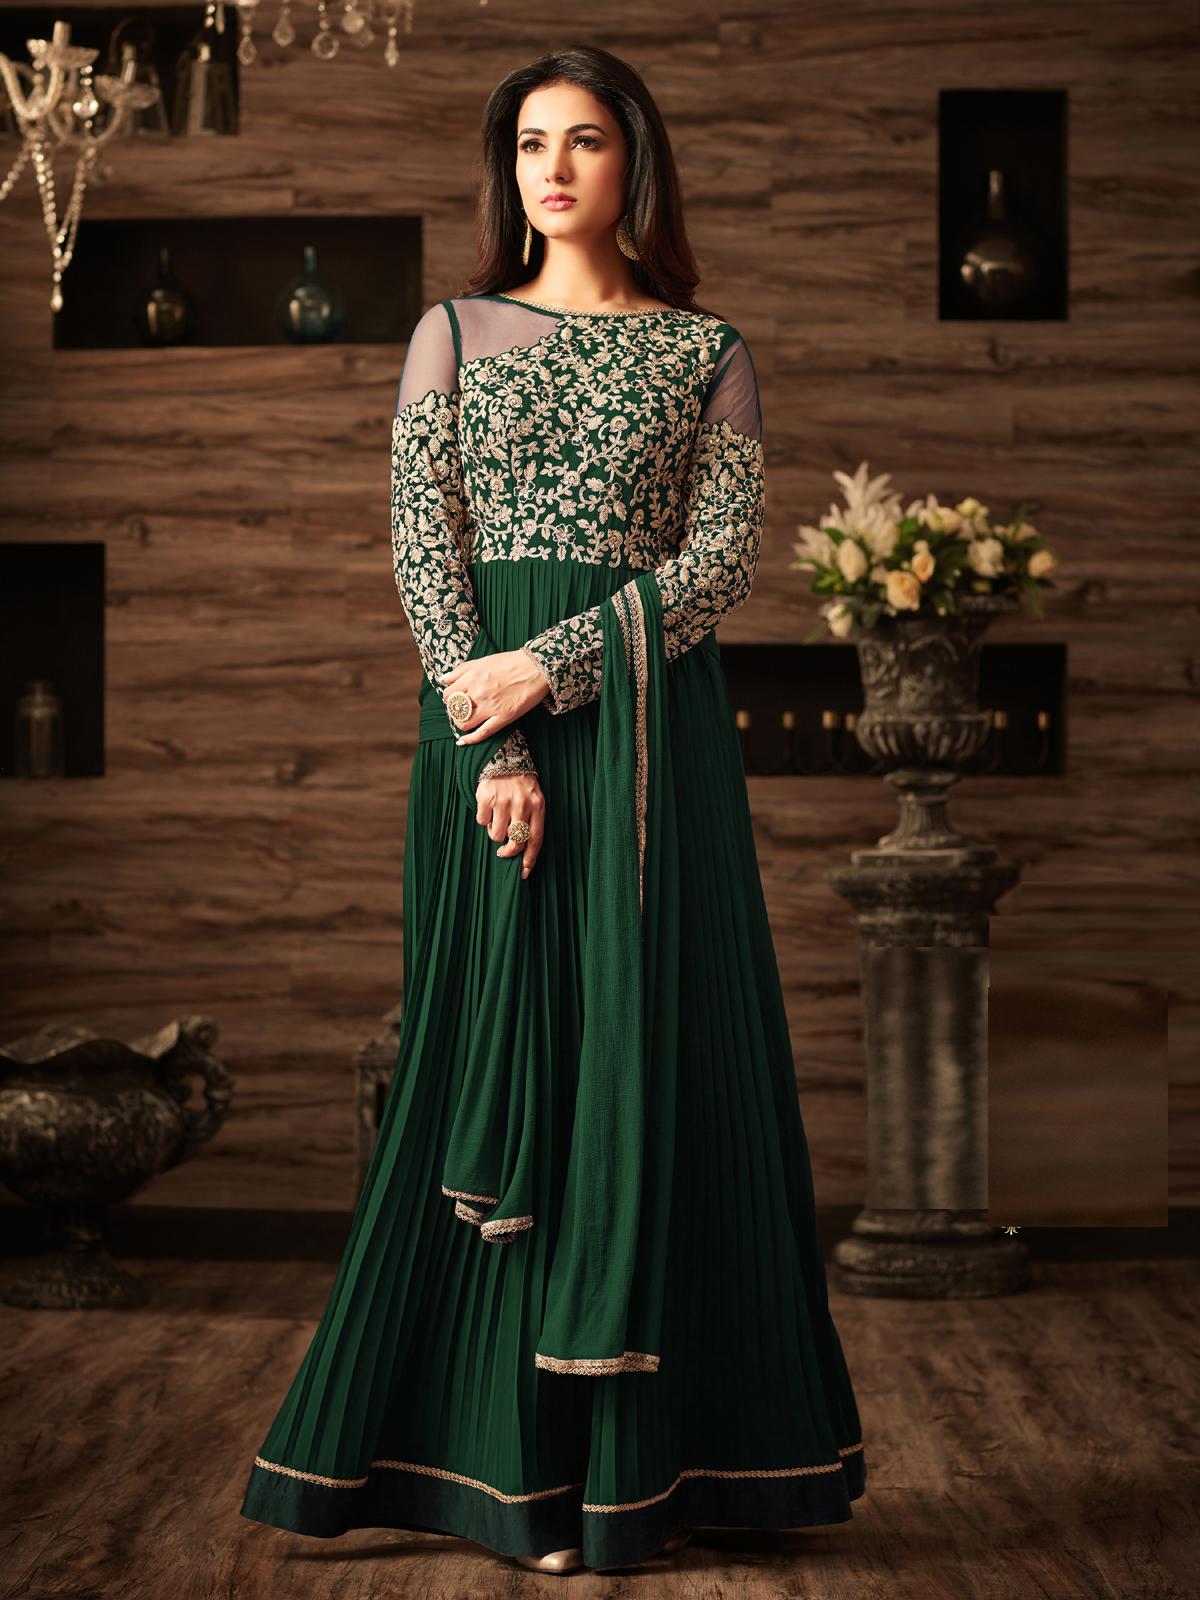 sonal chauhan Designer Green Faux Georgette Festive Wear Anarkali Salwar Kameez